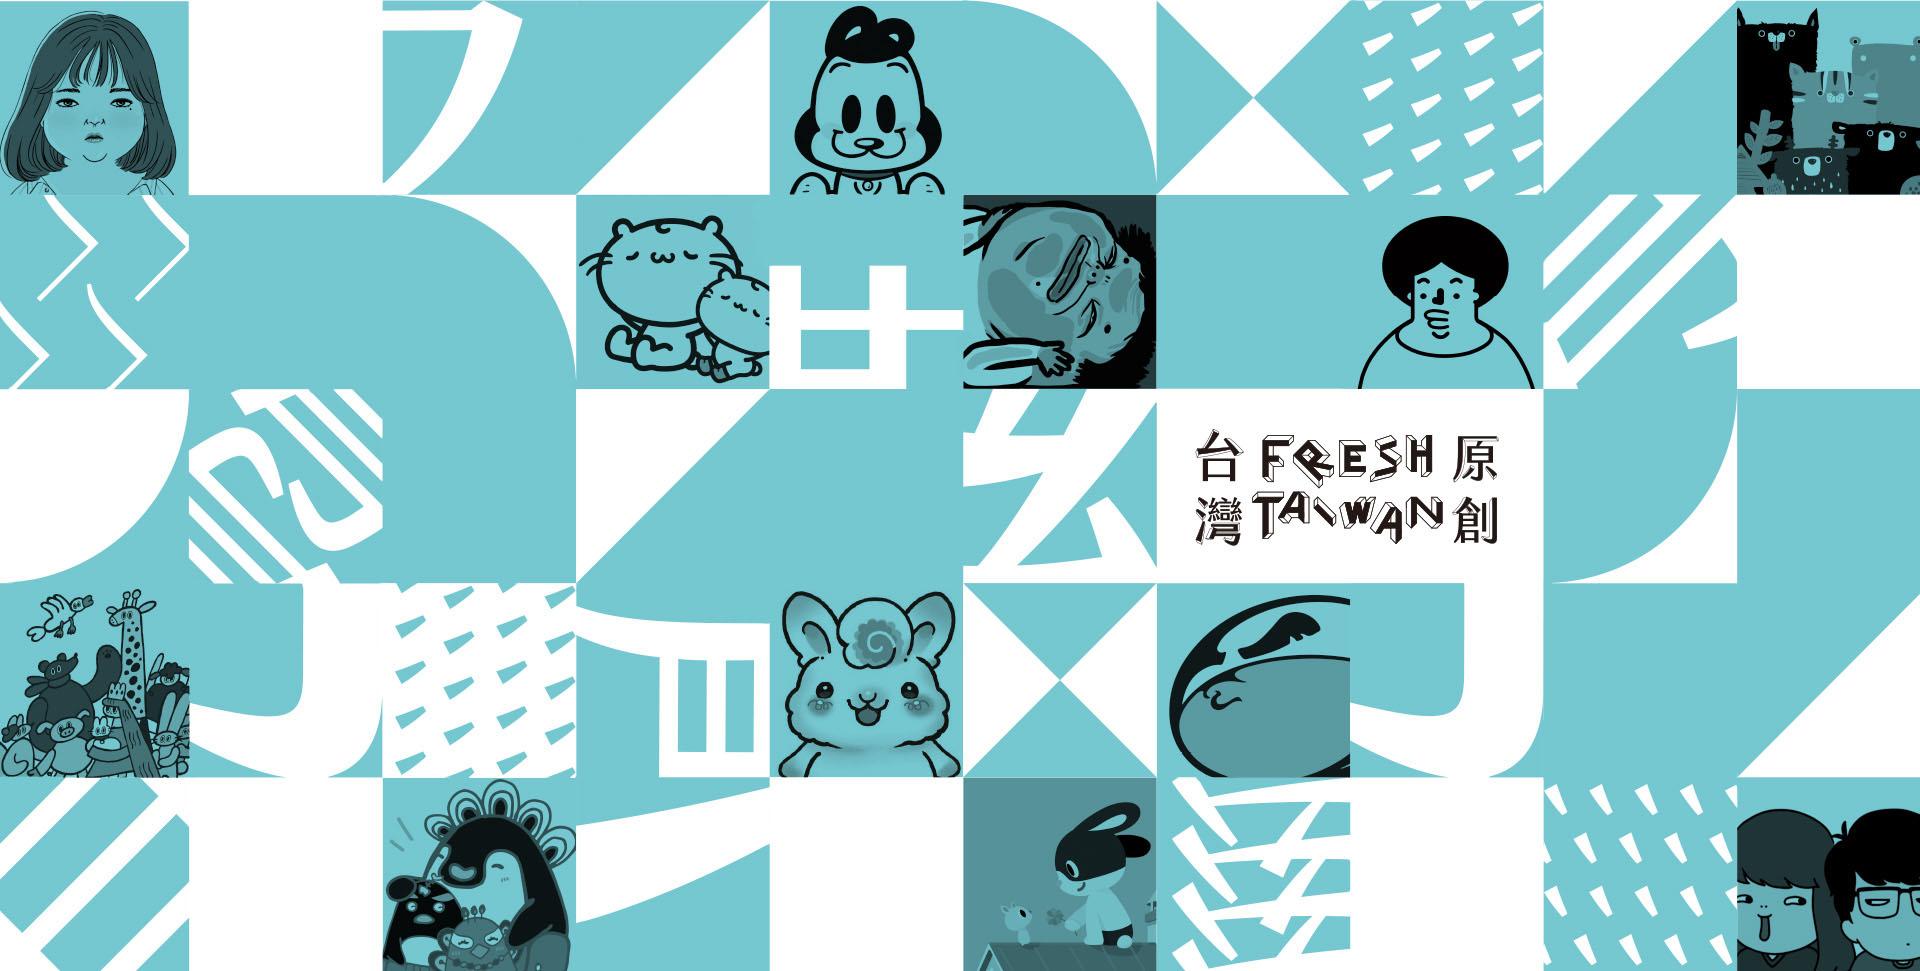 台灣原創 FRESH TAIWAN